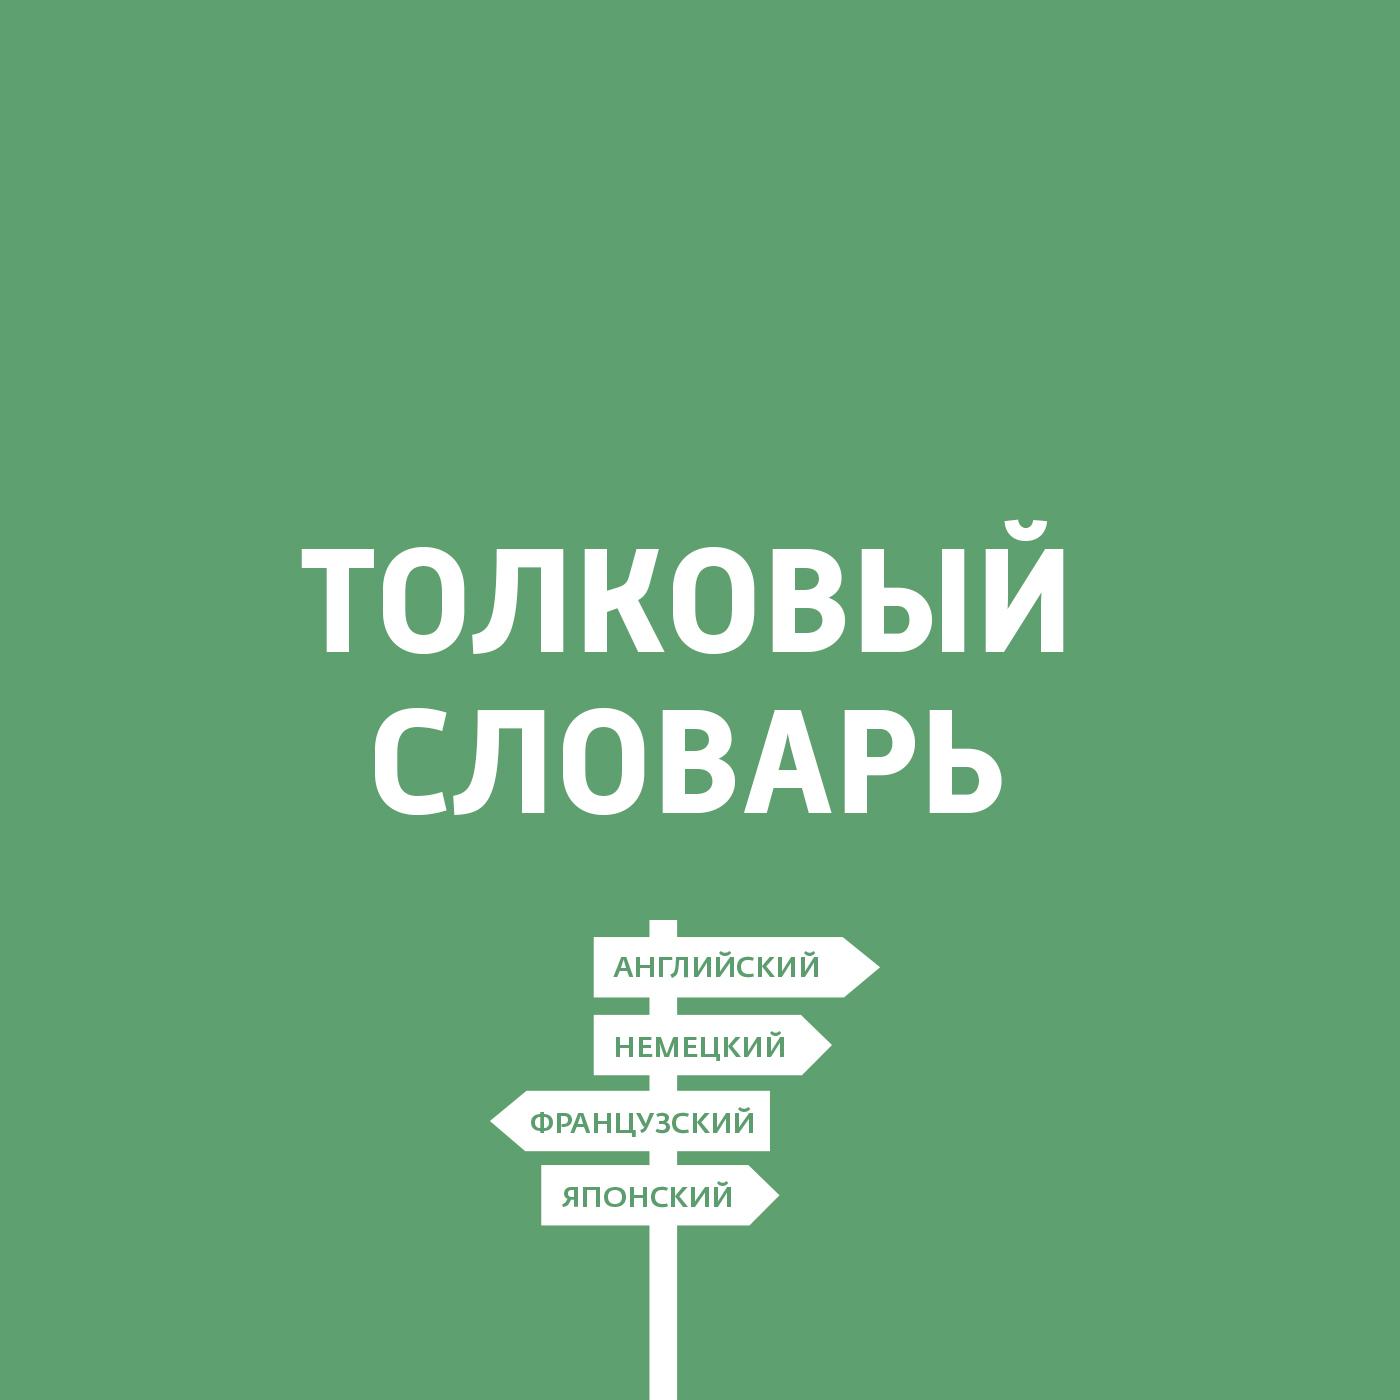 Дмитрий Петров Польский язык дмитрий петров путешествие в индию